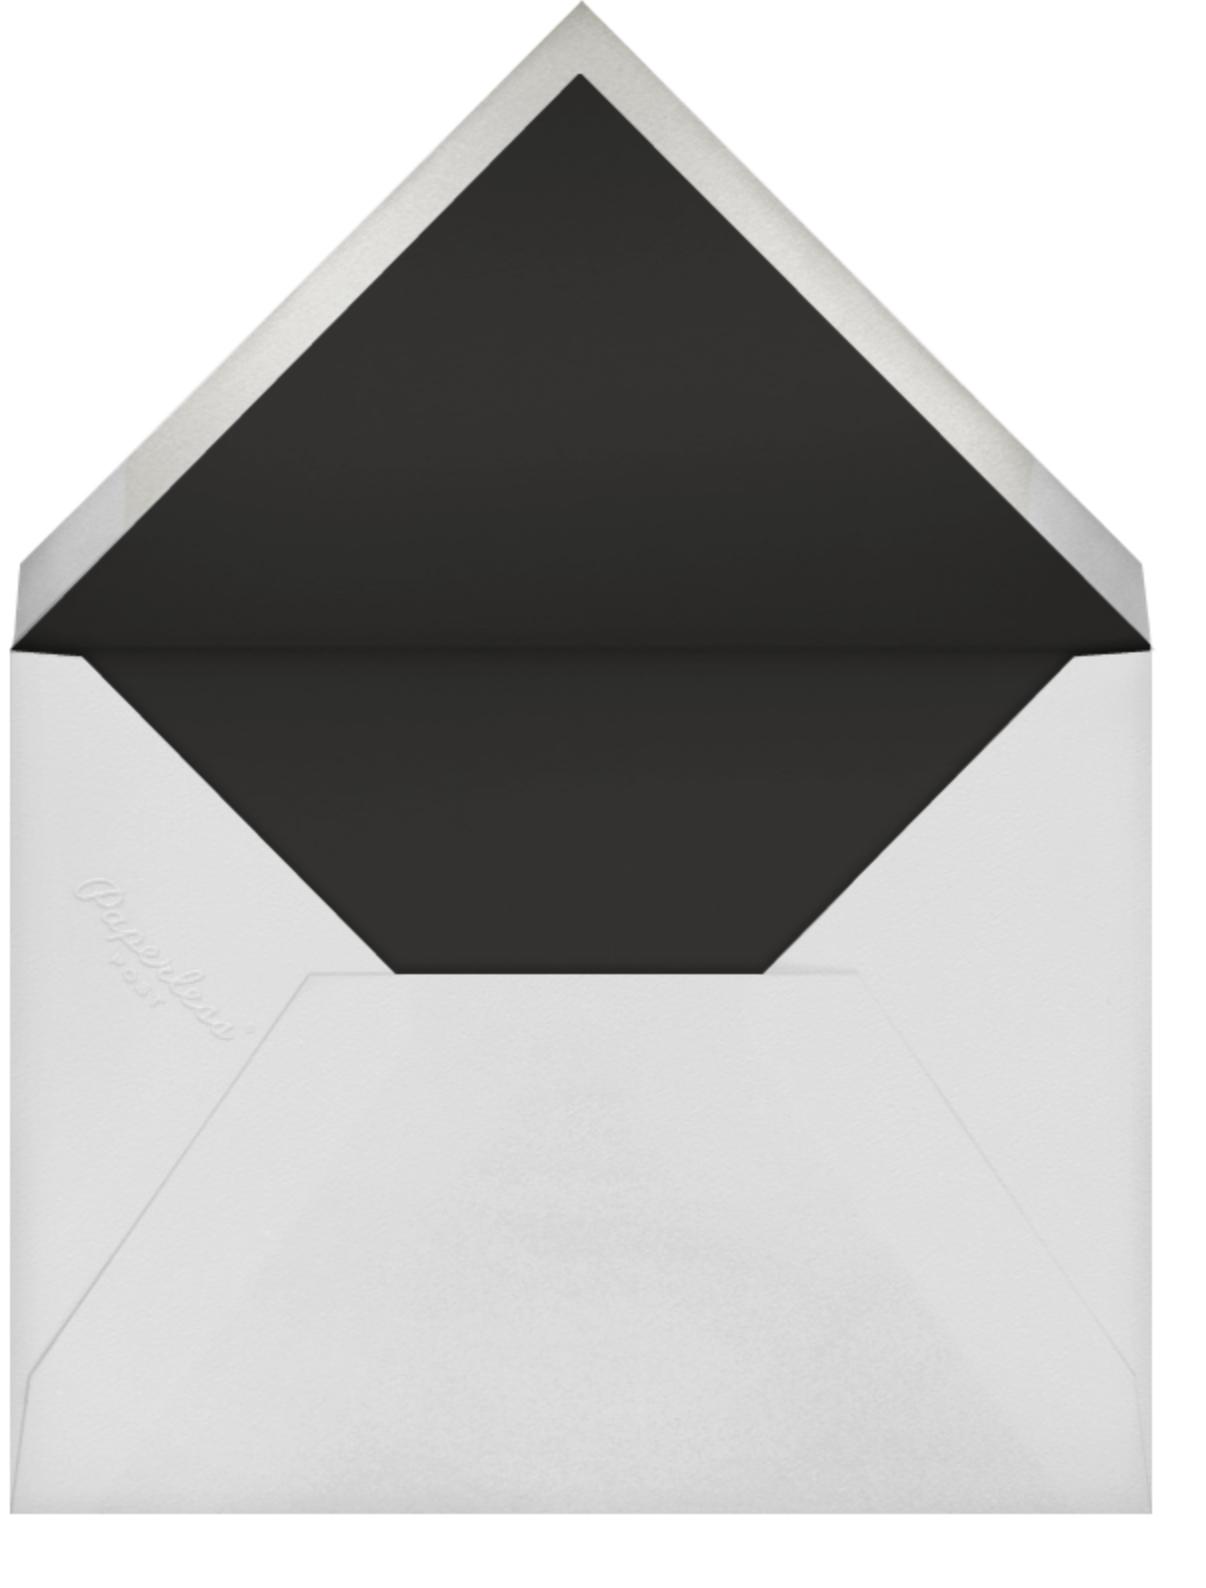 Magnolia (Photo) - Gold - Oscar de la Renta - Holiday cards - envelope back